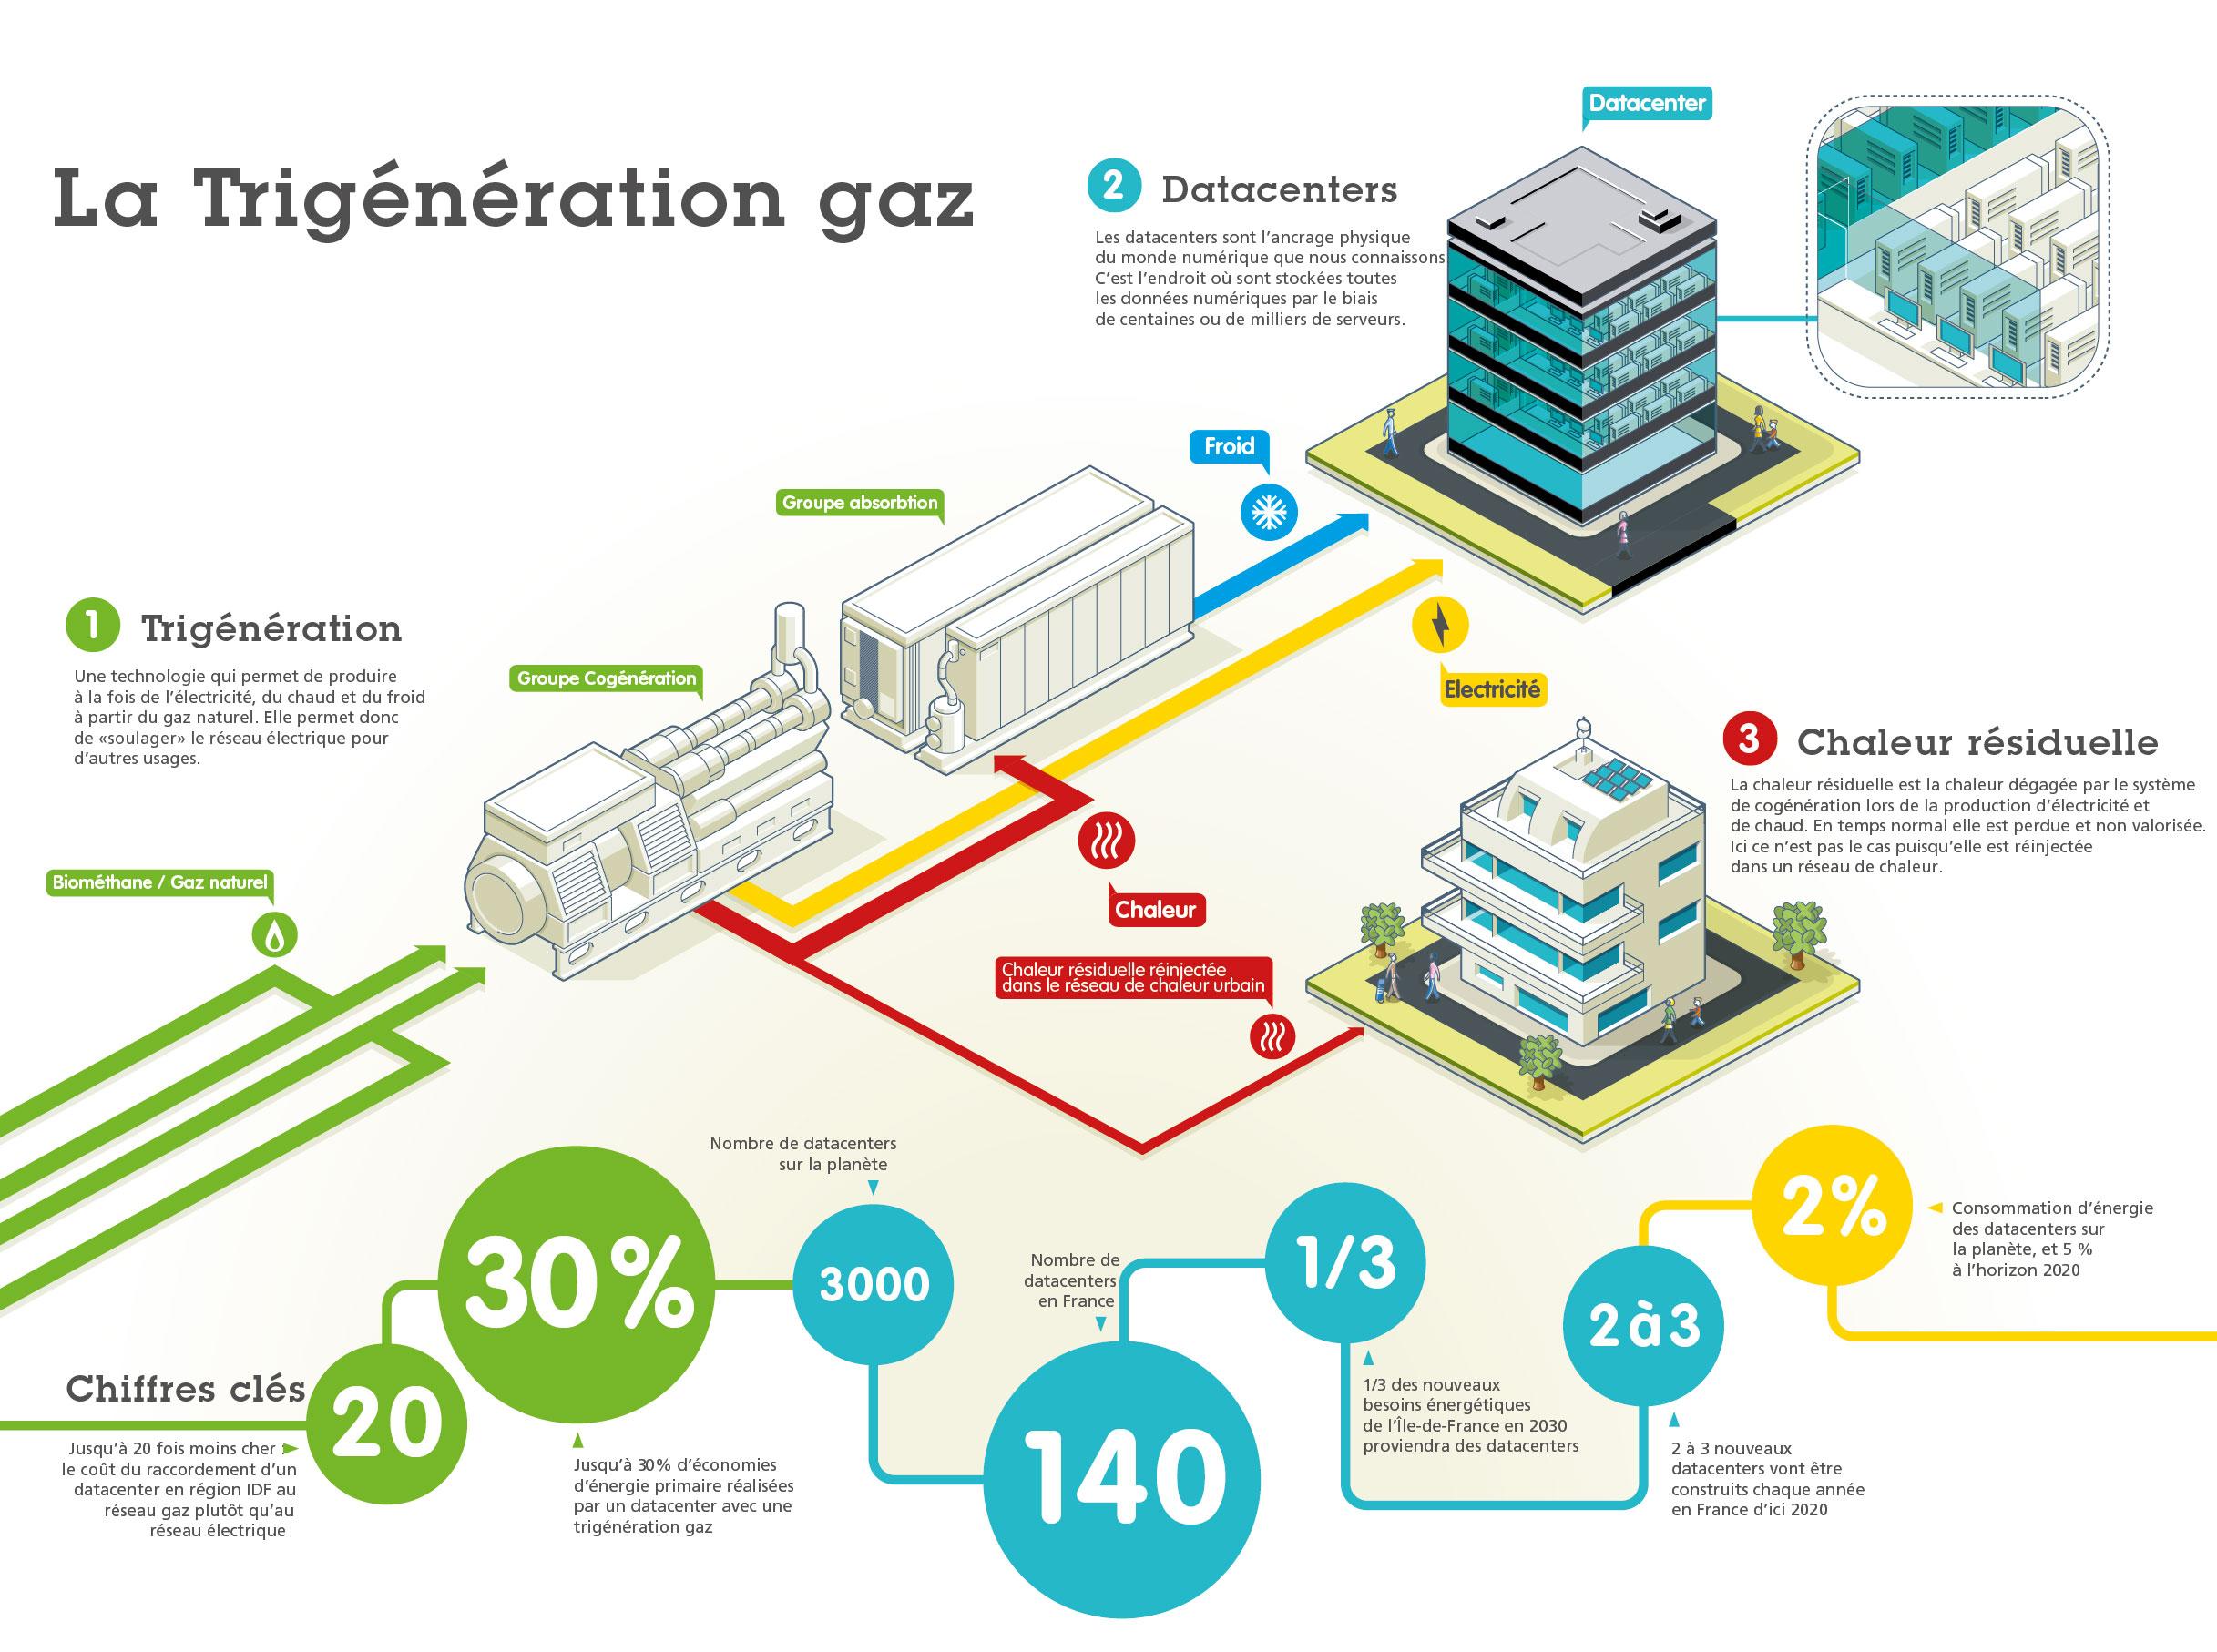 trigénération gaz